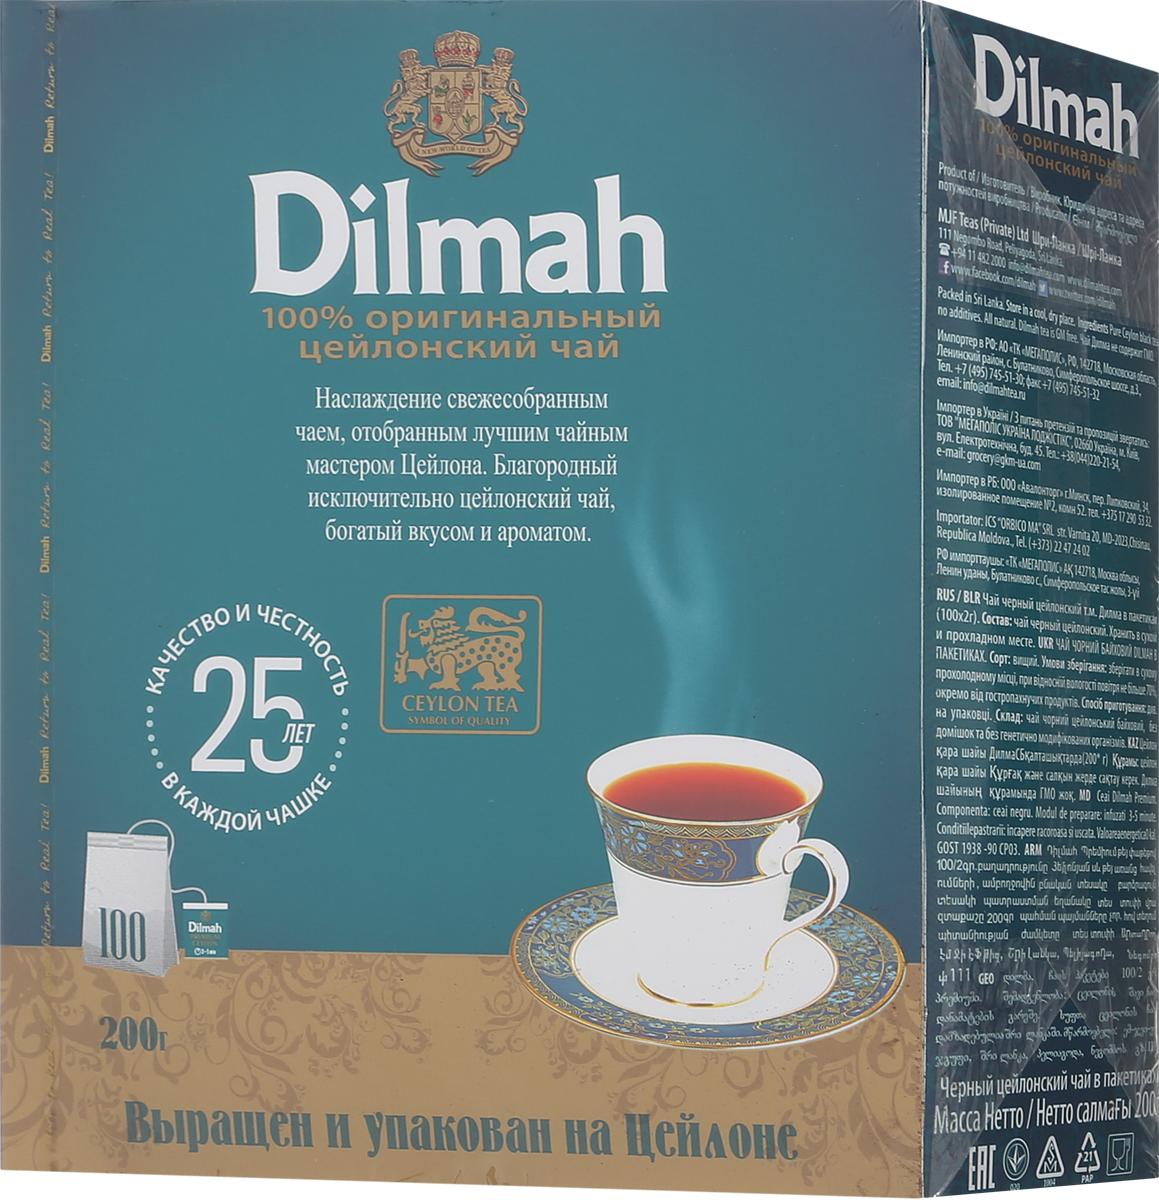 Dilmah Цейлонский черный чай в пакетиках, 100 шт9312631122619Dilmah Цейлонский черный чай в пакетиках - это наслаждение свежесобранным чаем, отобранным лучшим чайным мастером Цейлона. Благородный исключительно цейлонский чай, богатый вкусом и ароматом.Dilmah - чай однородного происхождения. Только цейлонский чай попадает в каждую пачку Dilmah. Чай упаковывается в Шри-Ланке практически сразу после сбора чайного листа. Dilmah - настоящий этический чай. Доходы от продаж делятся с работниками чайных плантаций и сообществом. Dilmah сохраняет приверженность традиционному чаю. Вот почему его вкус такой особенный.Уважаемые клиенты! Обращаем ваше внимание на то, что упаковка может иметь несколько видов дизайна. Поставка осуществляется в зависимости от наличия на складе.Всё о чае: сорта, факты, советы по выбору и употреблению. Статья OZON Гид